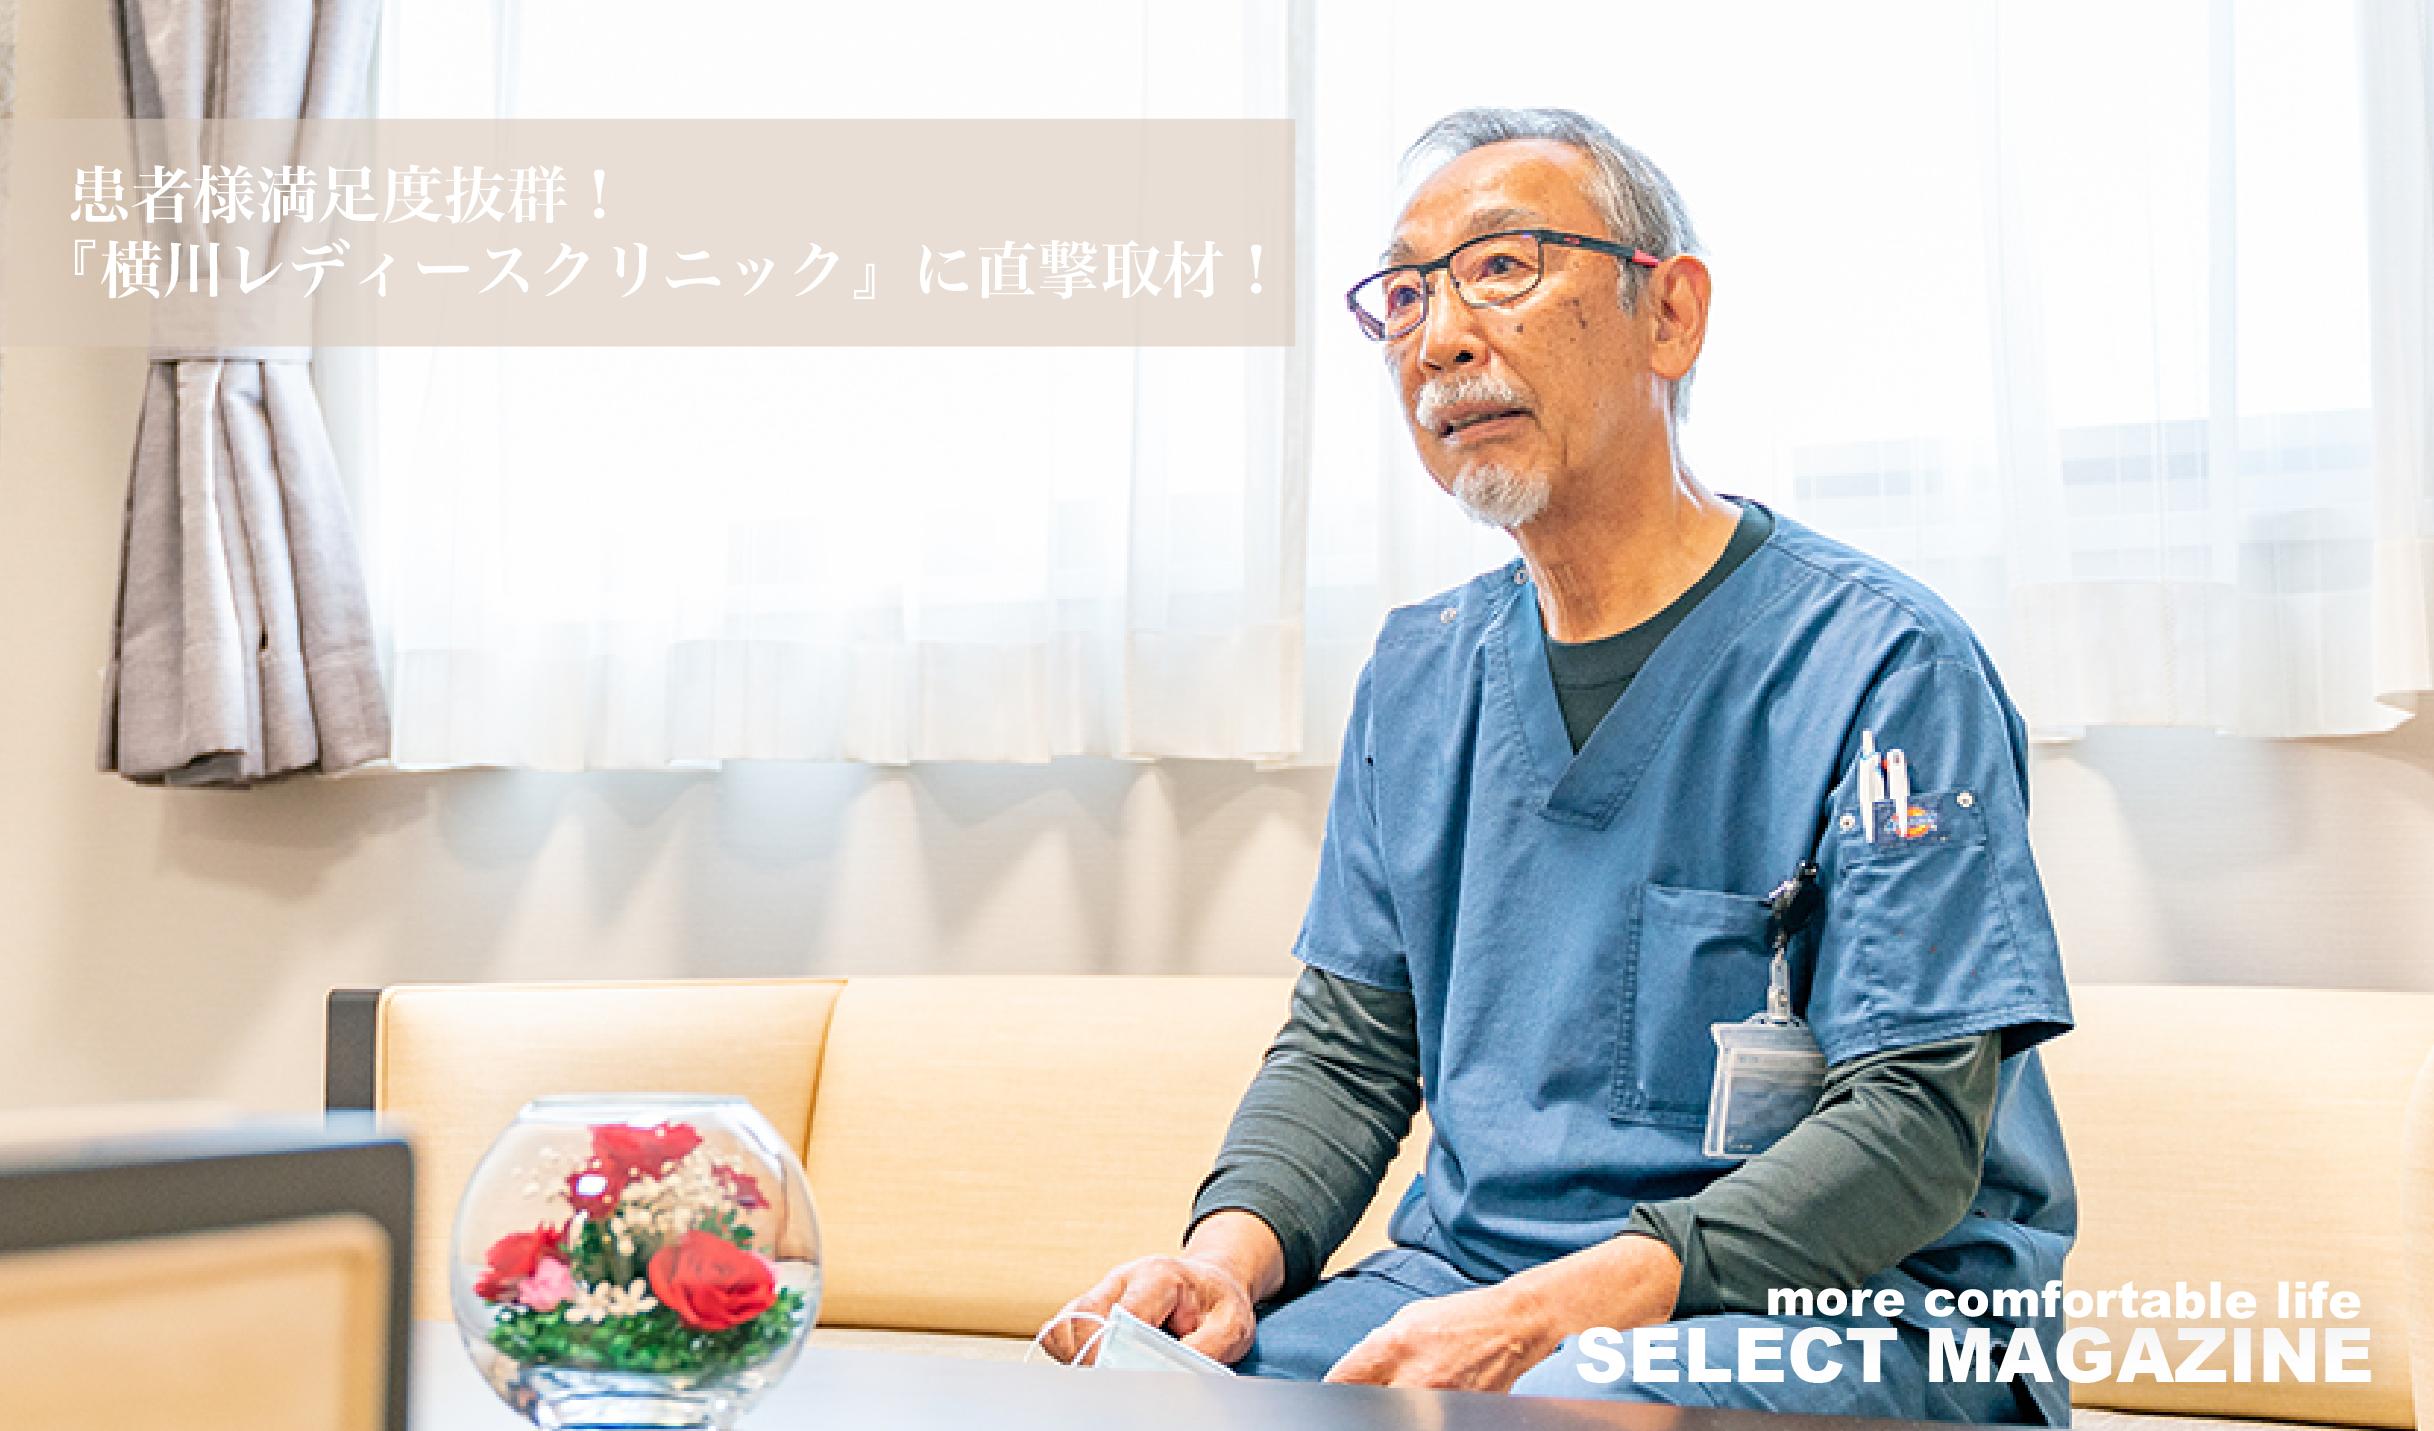 患者様満足度抜群!温かみのある『横川レディースクリニック』に直撃取材!